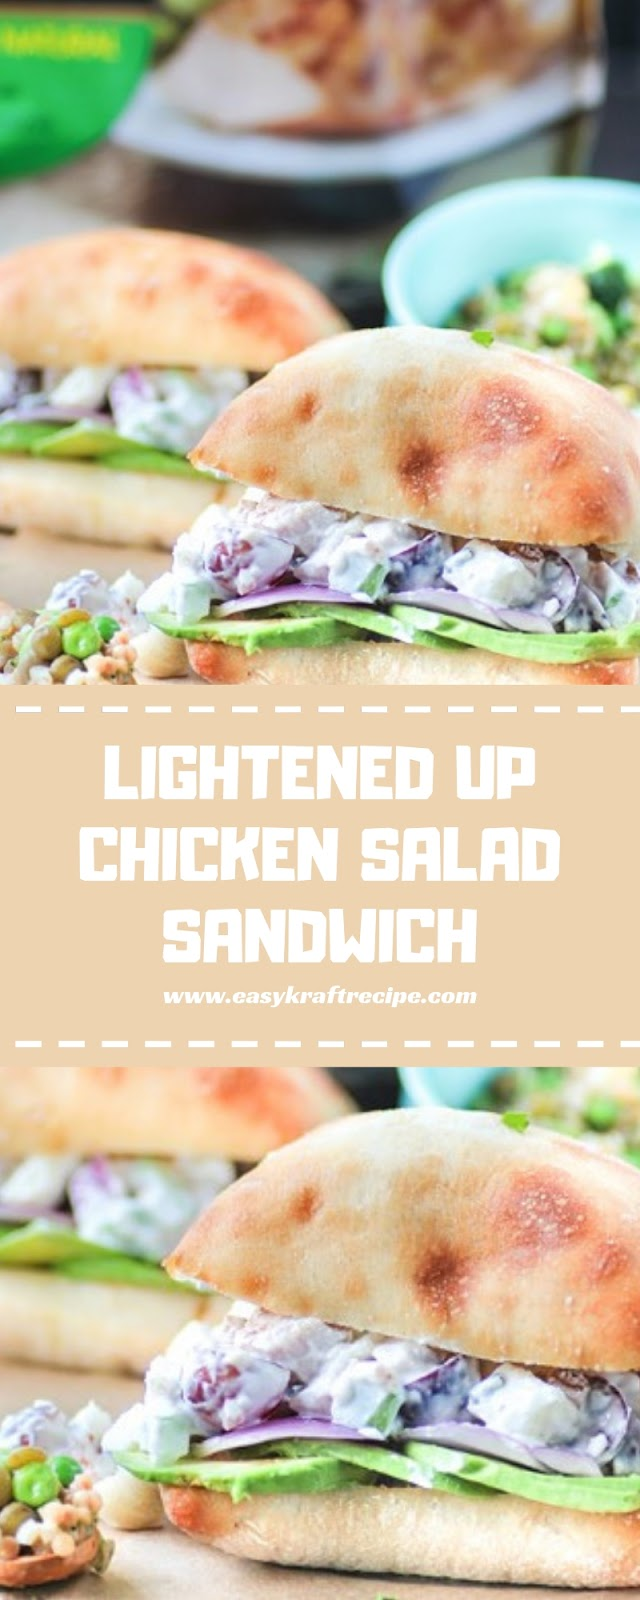 LIGHTENED UP CHICKEN SALAD SANDWICH